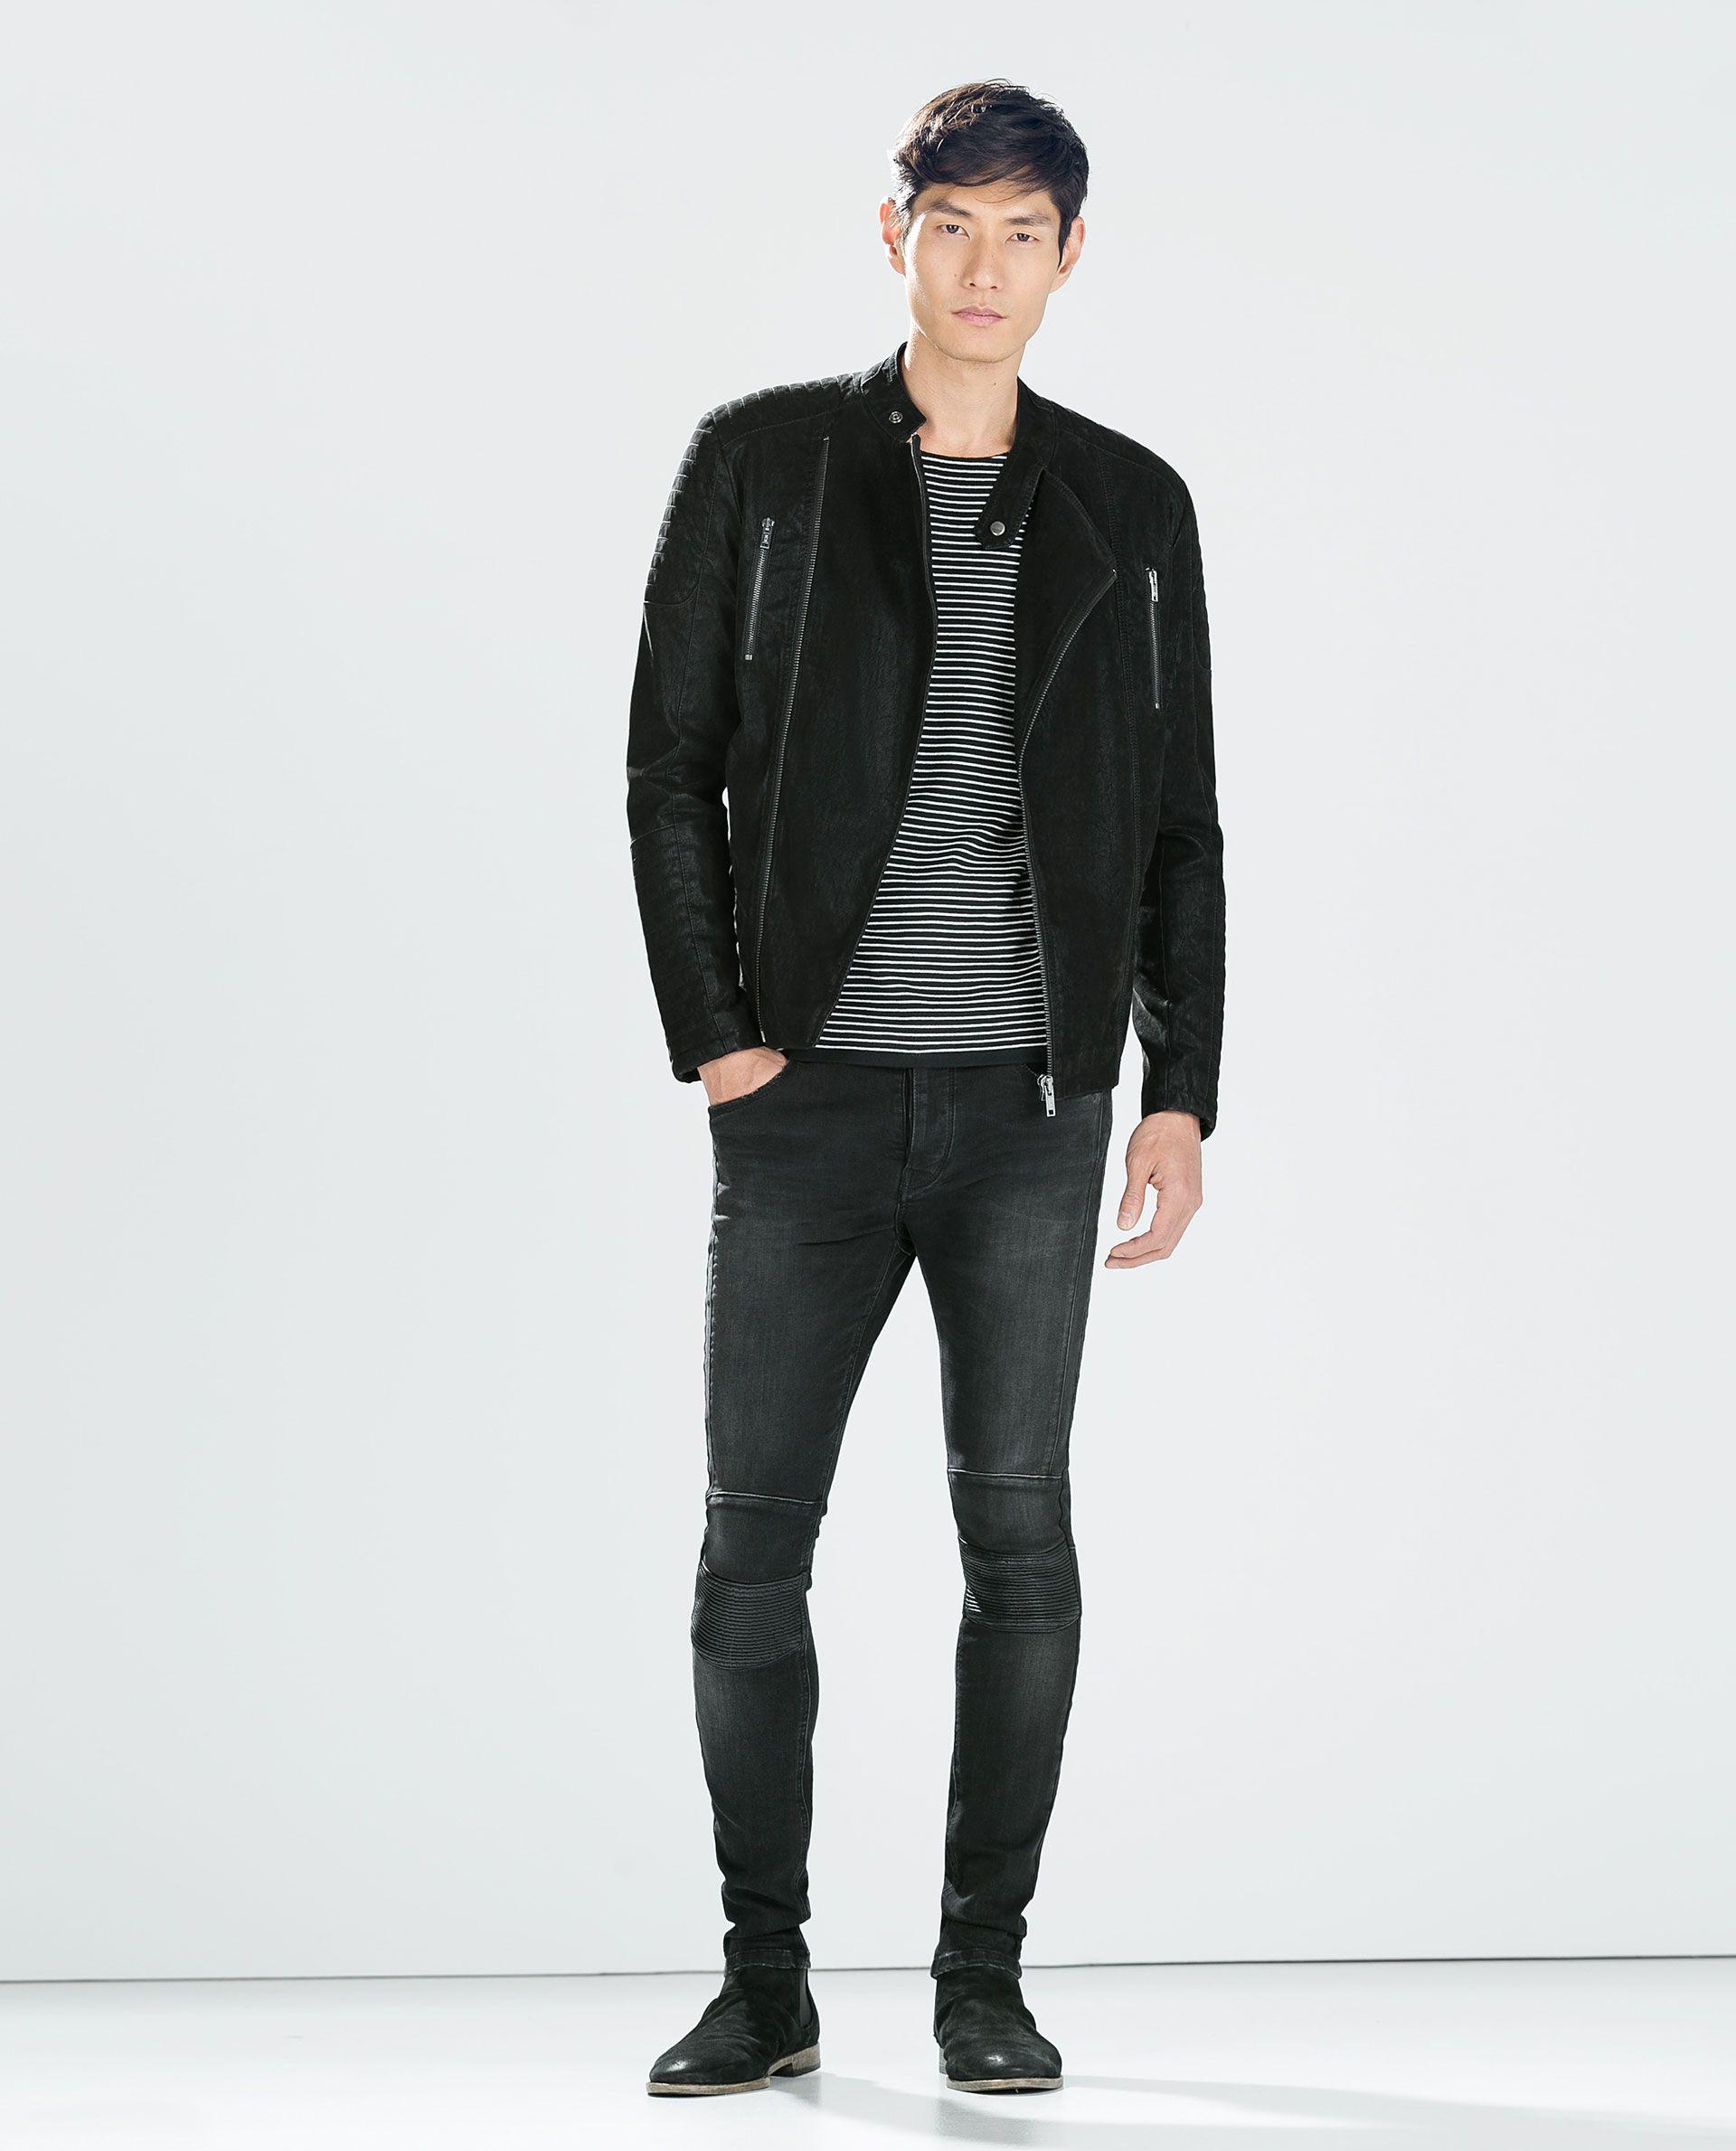 Pantalon Tejano Biker Jeans Hombre Zara Espana Biker Outfit Korean Fashion Men Biker Jeans